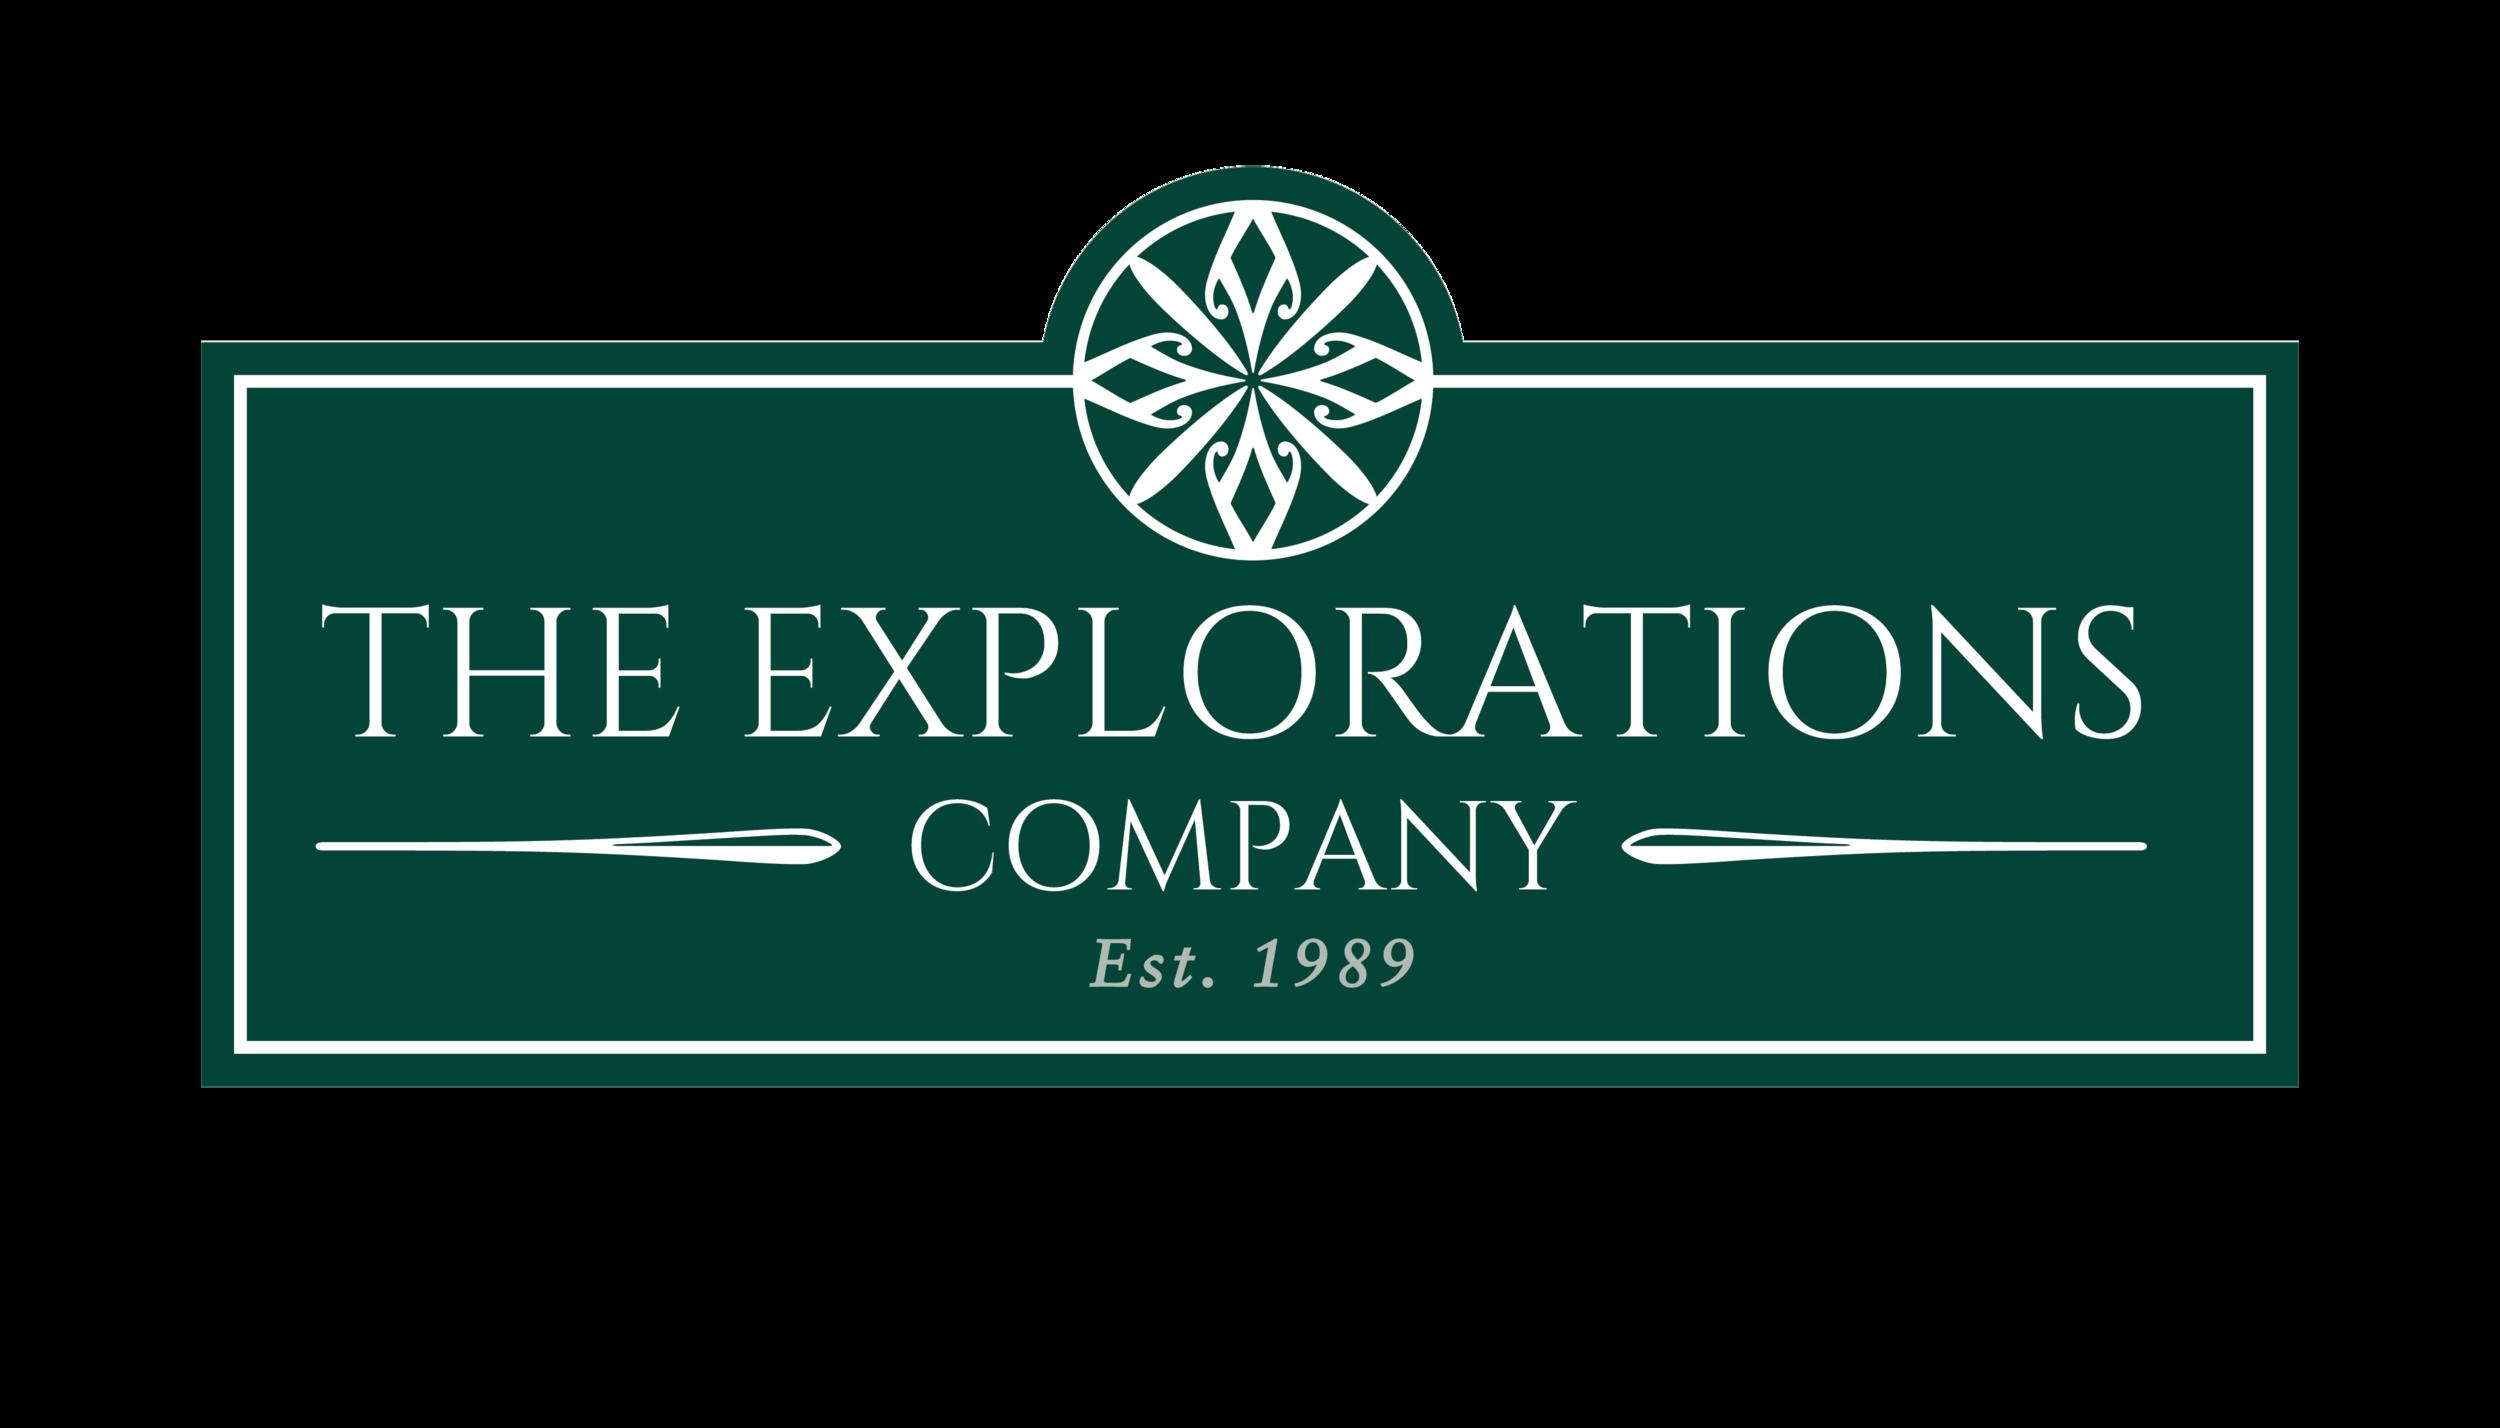 Explorations-Company.png